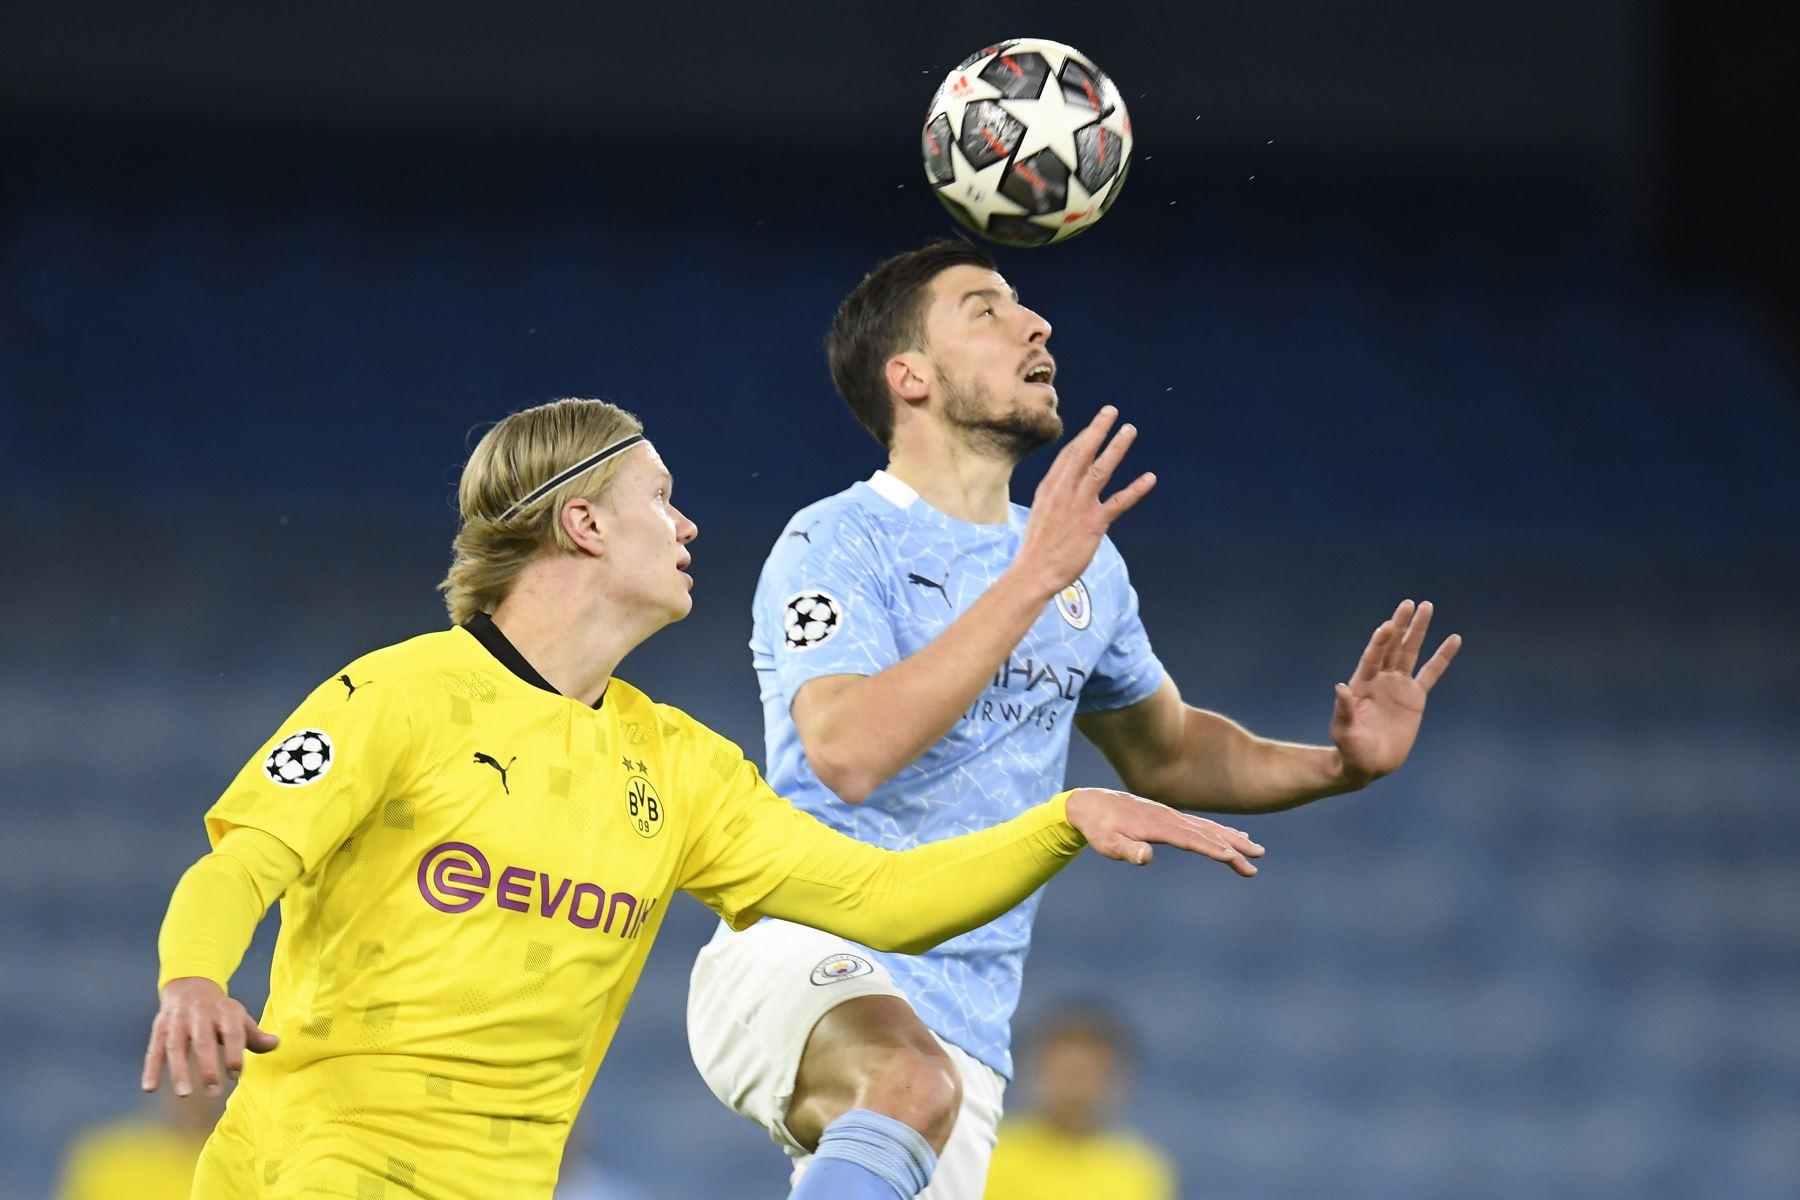 Ruben Dias del Manchester City en acción contra Erling Haaland de Dortmund durante los cuartos de final de la UEFA Champions League,  en Manchester. Foto: EFE